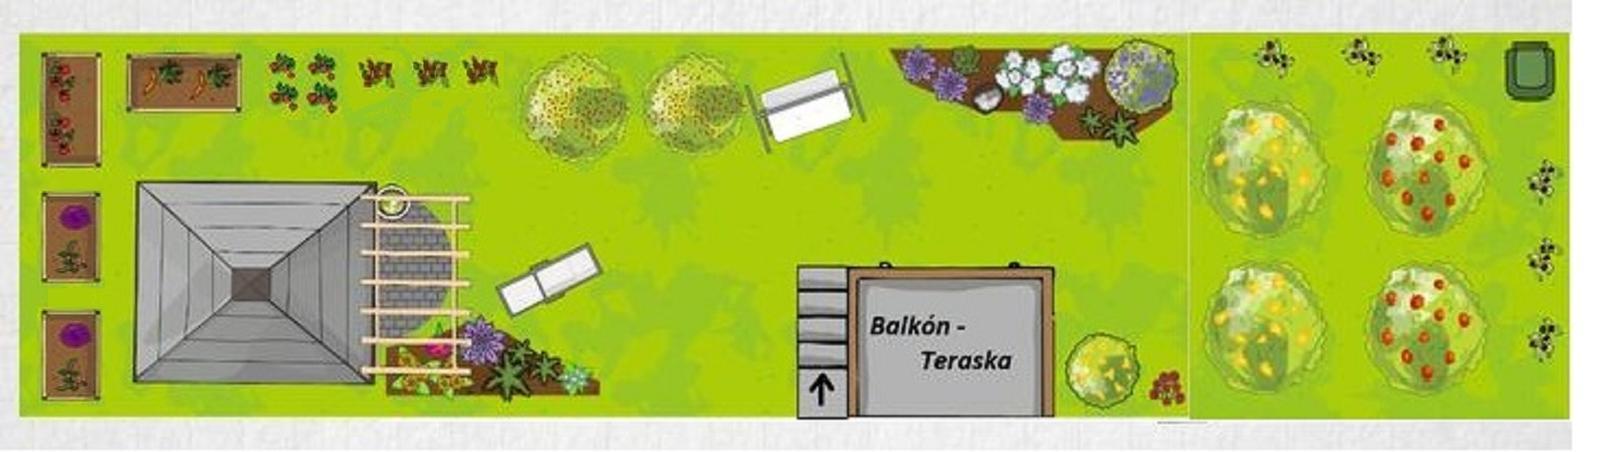 """Naše malé """"pole neorané"""" :o) záhradka 2. rok - malá mena v """"plánoch"""", menili sme kúsok záhradky so susedmi, aby už nemuseli prechádzať cez našu časť..."""